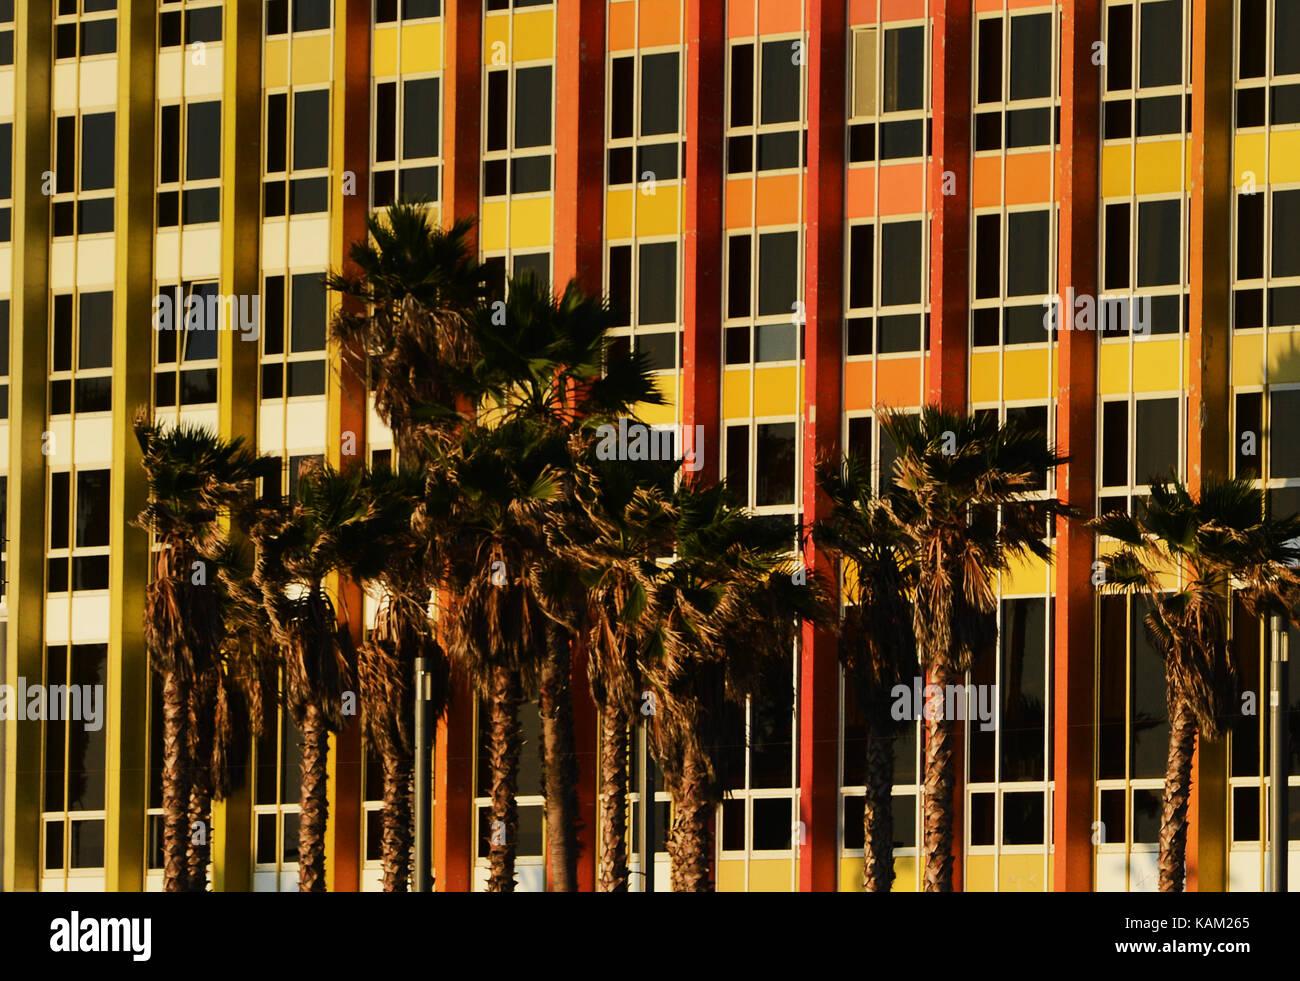 Dan Hotel in Tel Aviv, Israel. - Stock Image